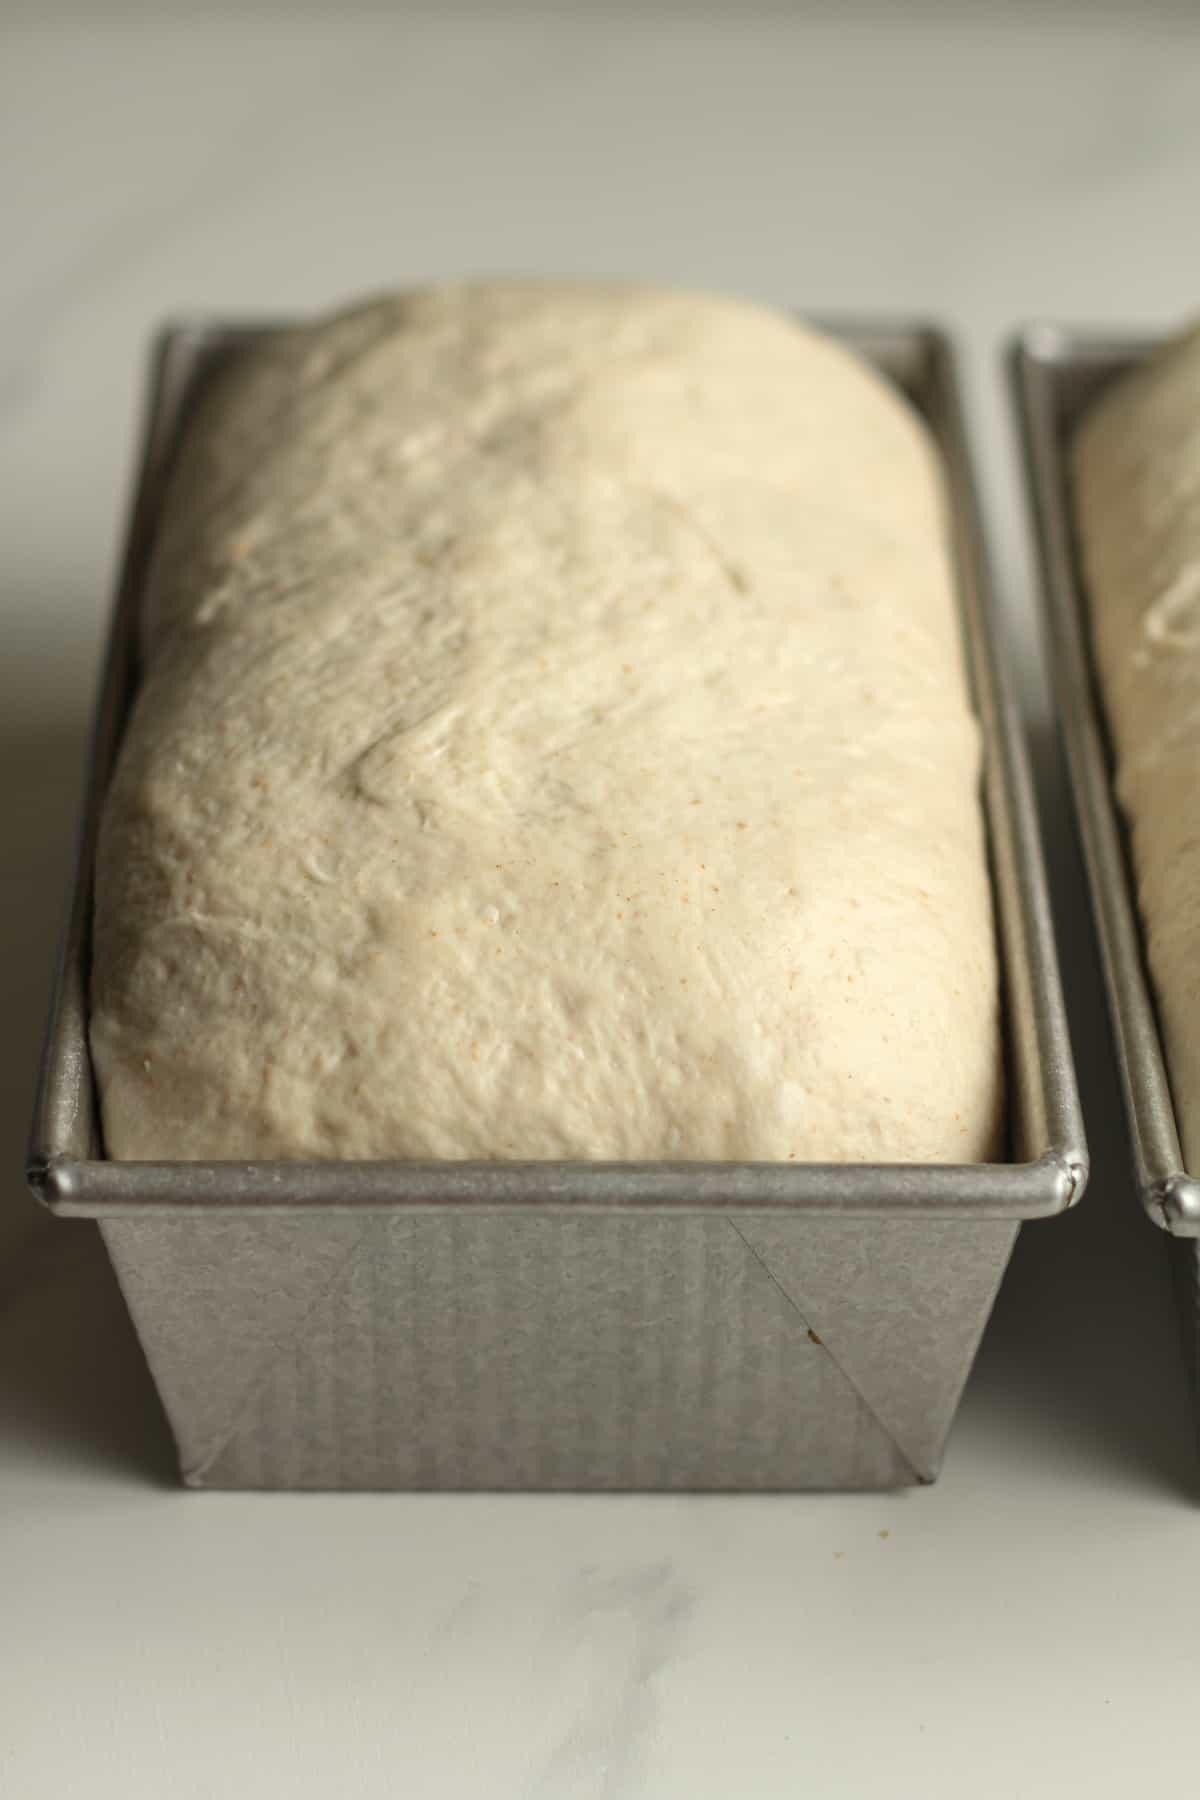 Side shot of sourdough in loaf pans.